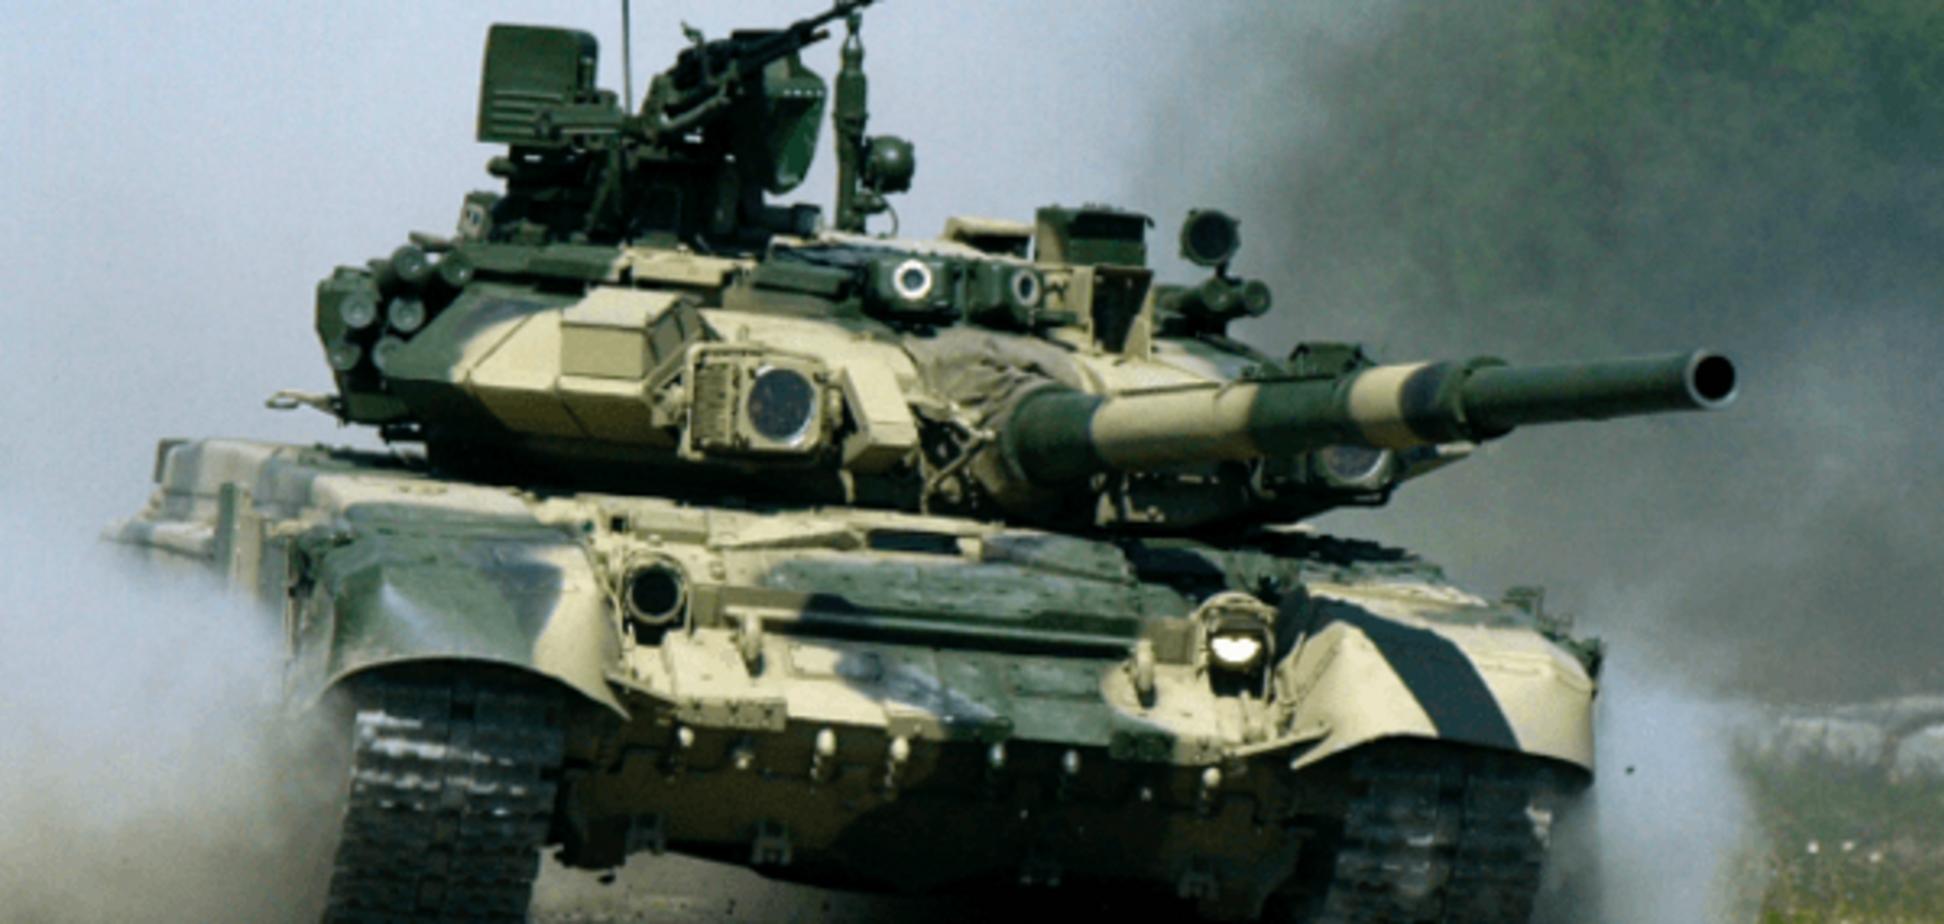 Росія перекинула на Донбас нові танки і сотні тон боєприпасів - ГУР